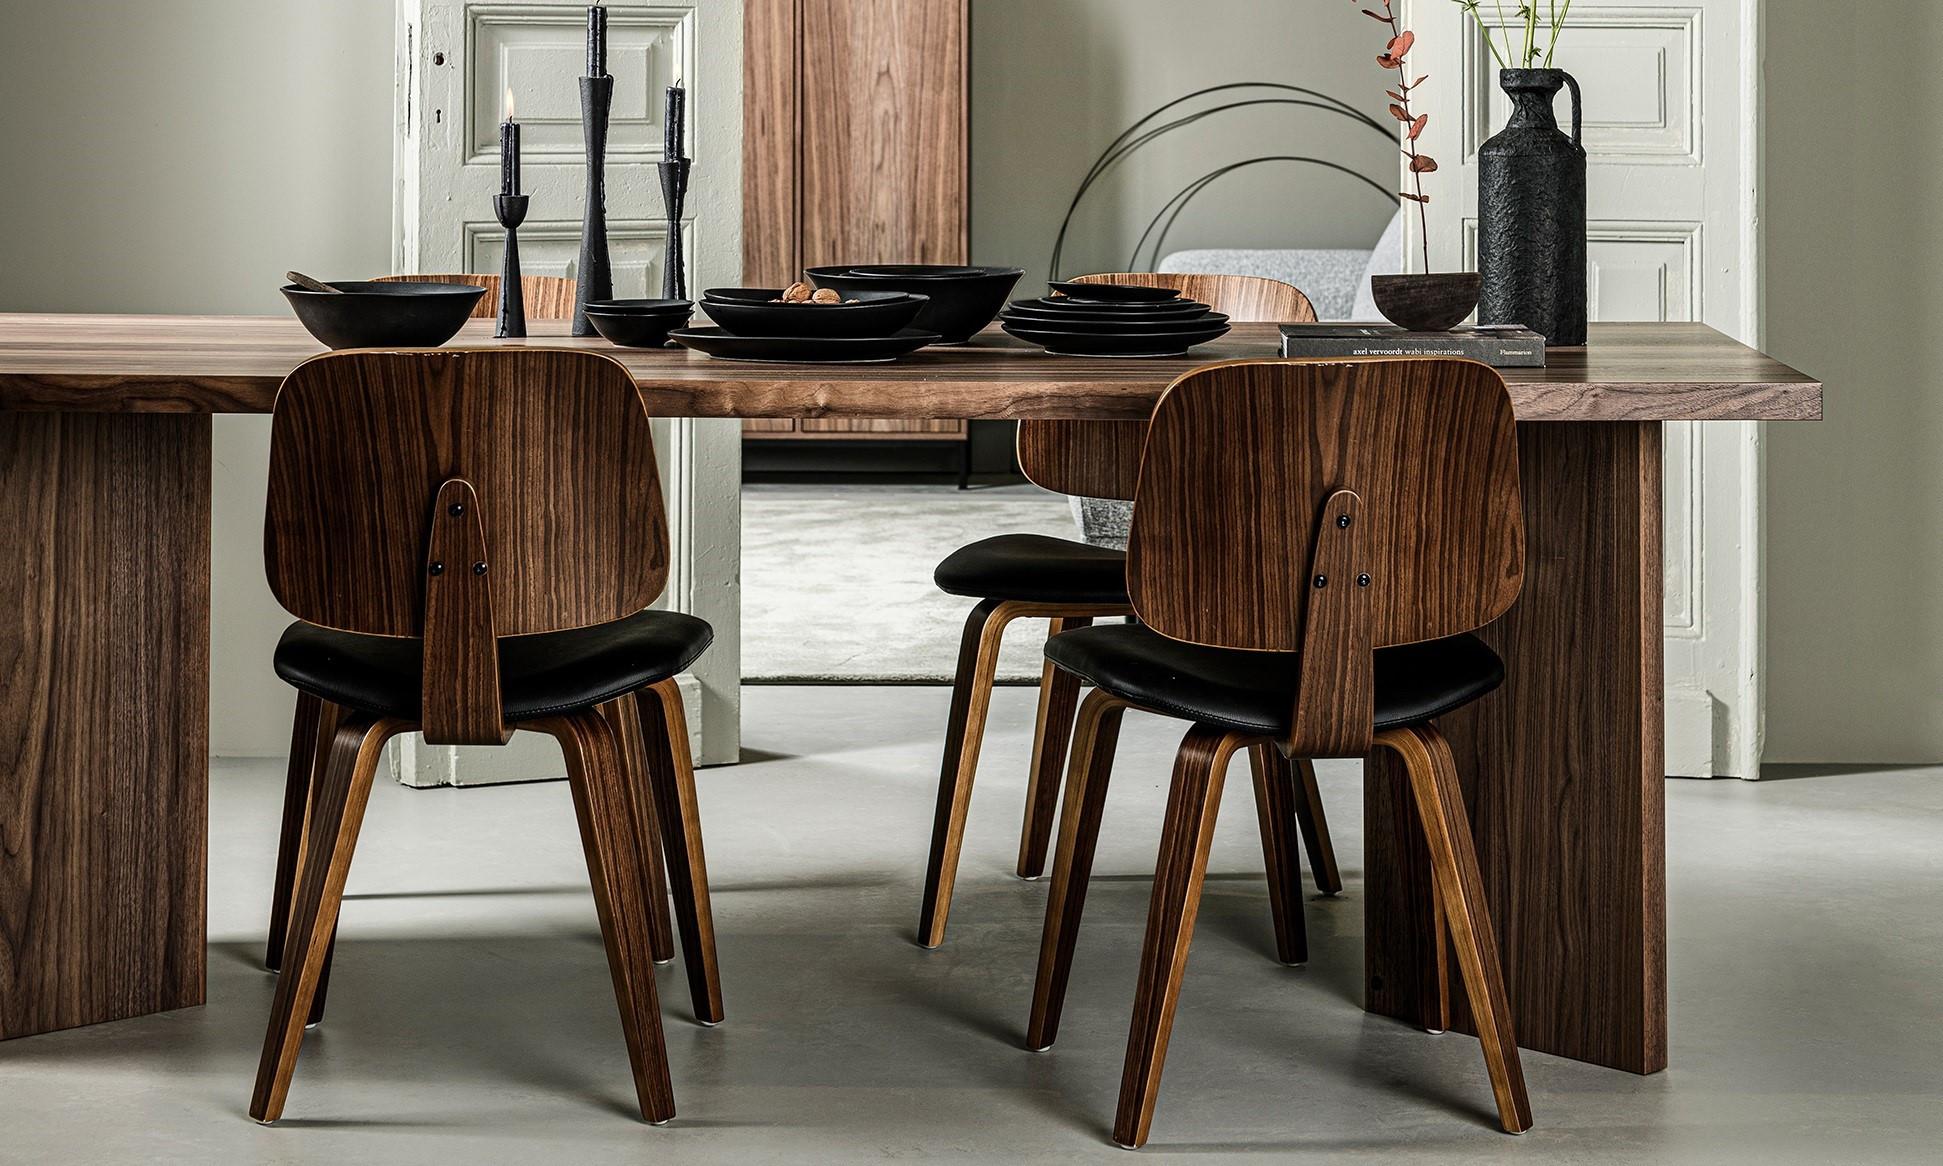 Zo kies je de juiste stoel bij jouw eettafel